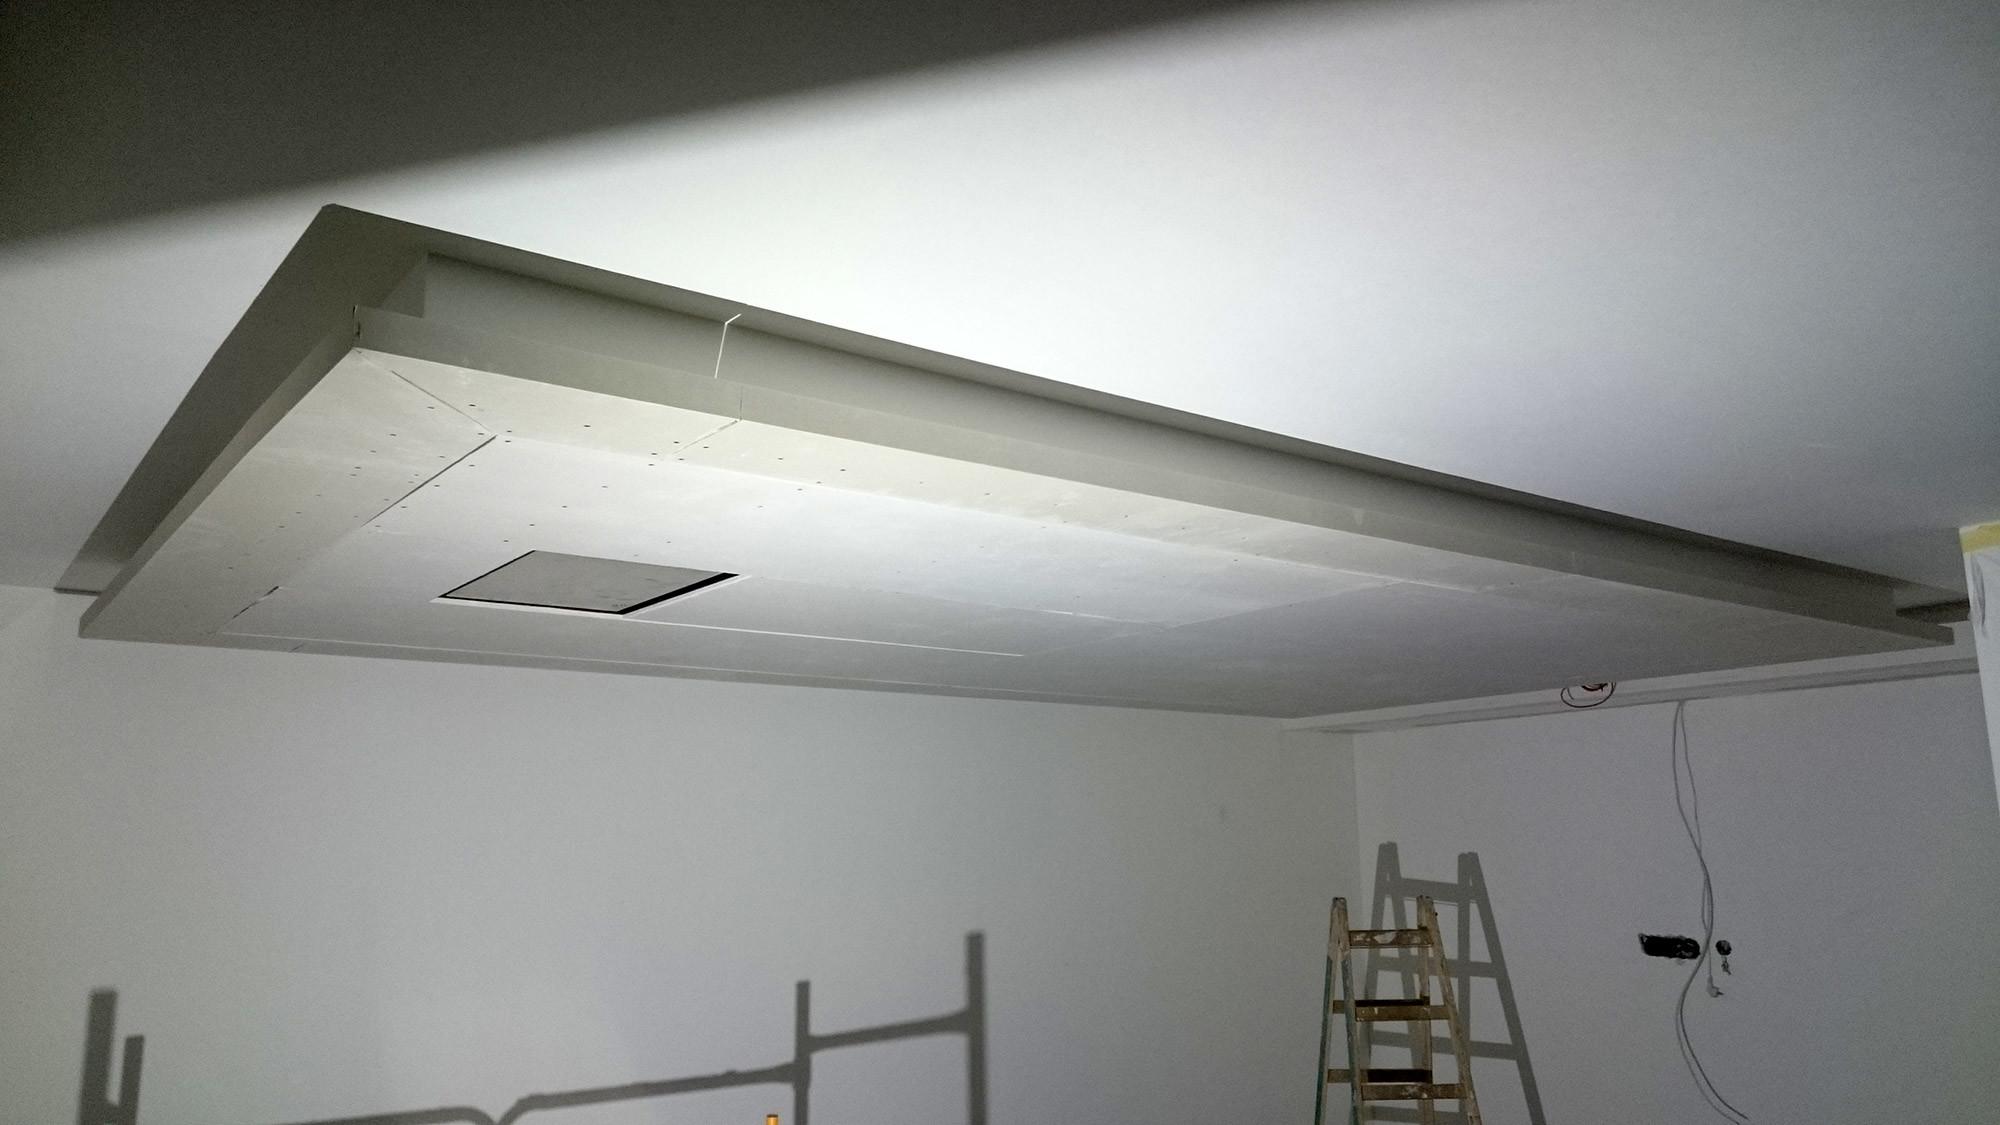 Full Size of Indirekte Beleuchtung Wohnzimmer Decke Selber Bauen Led Machen Decken Deckenlampe Küche Deckenleuchte Schlafzimmer Deckenlampen Modern Badezimmer Bad Wohnzimmer Indirekte Beleuchtung Decke Selber Bauen